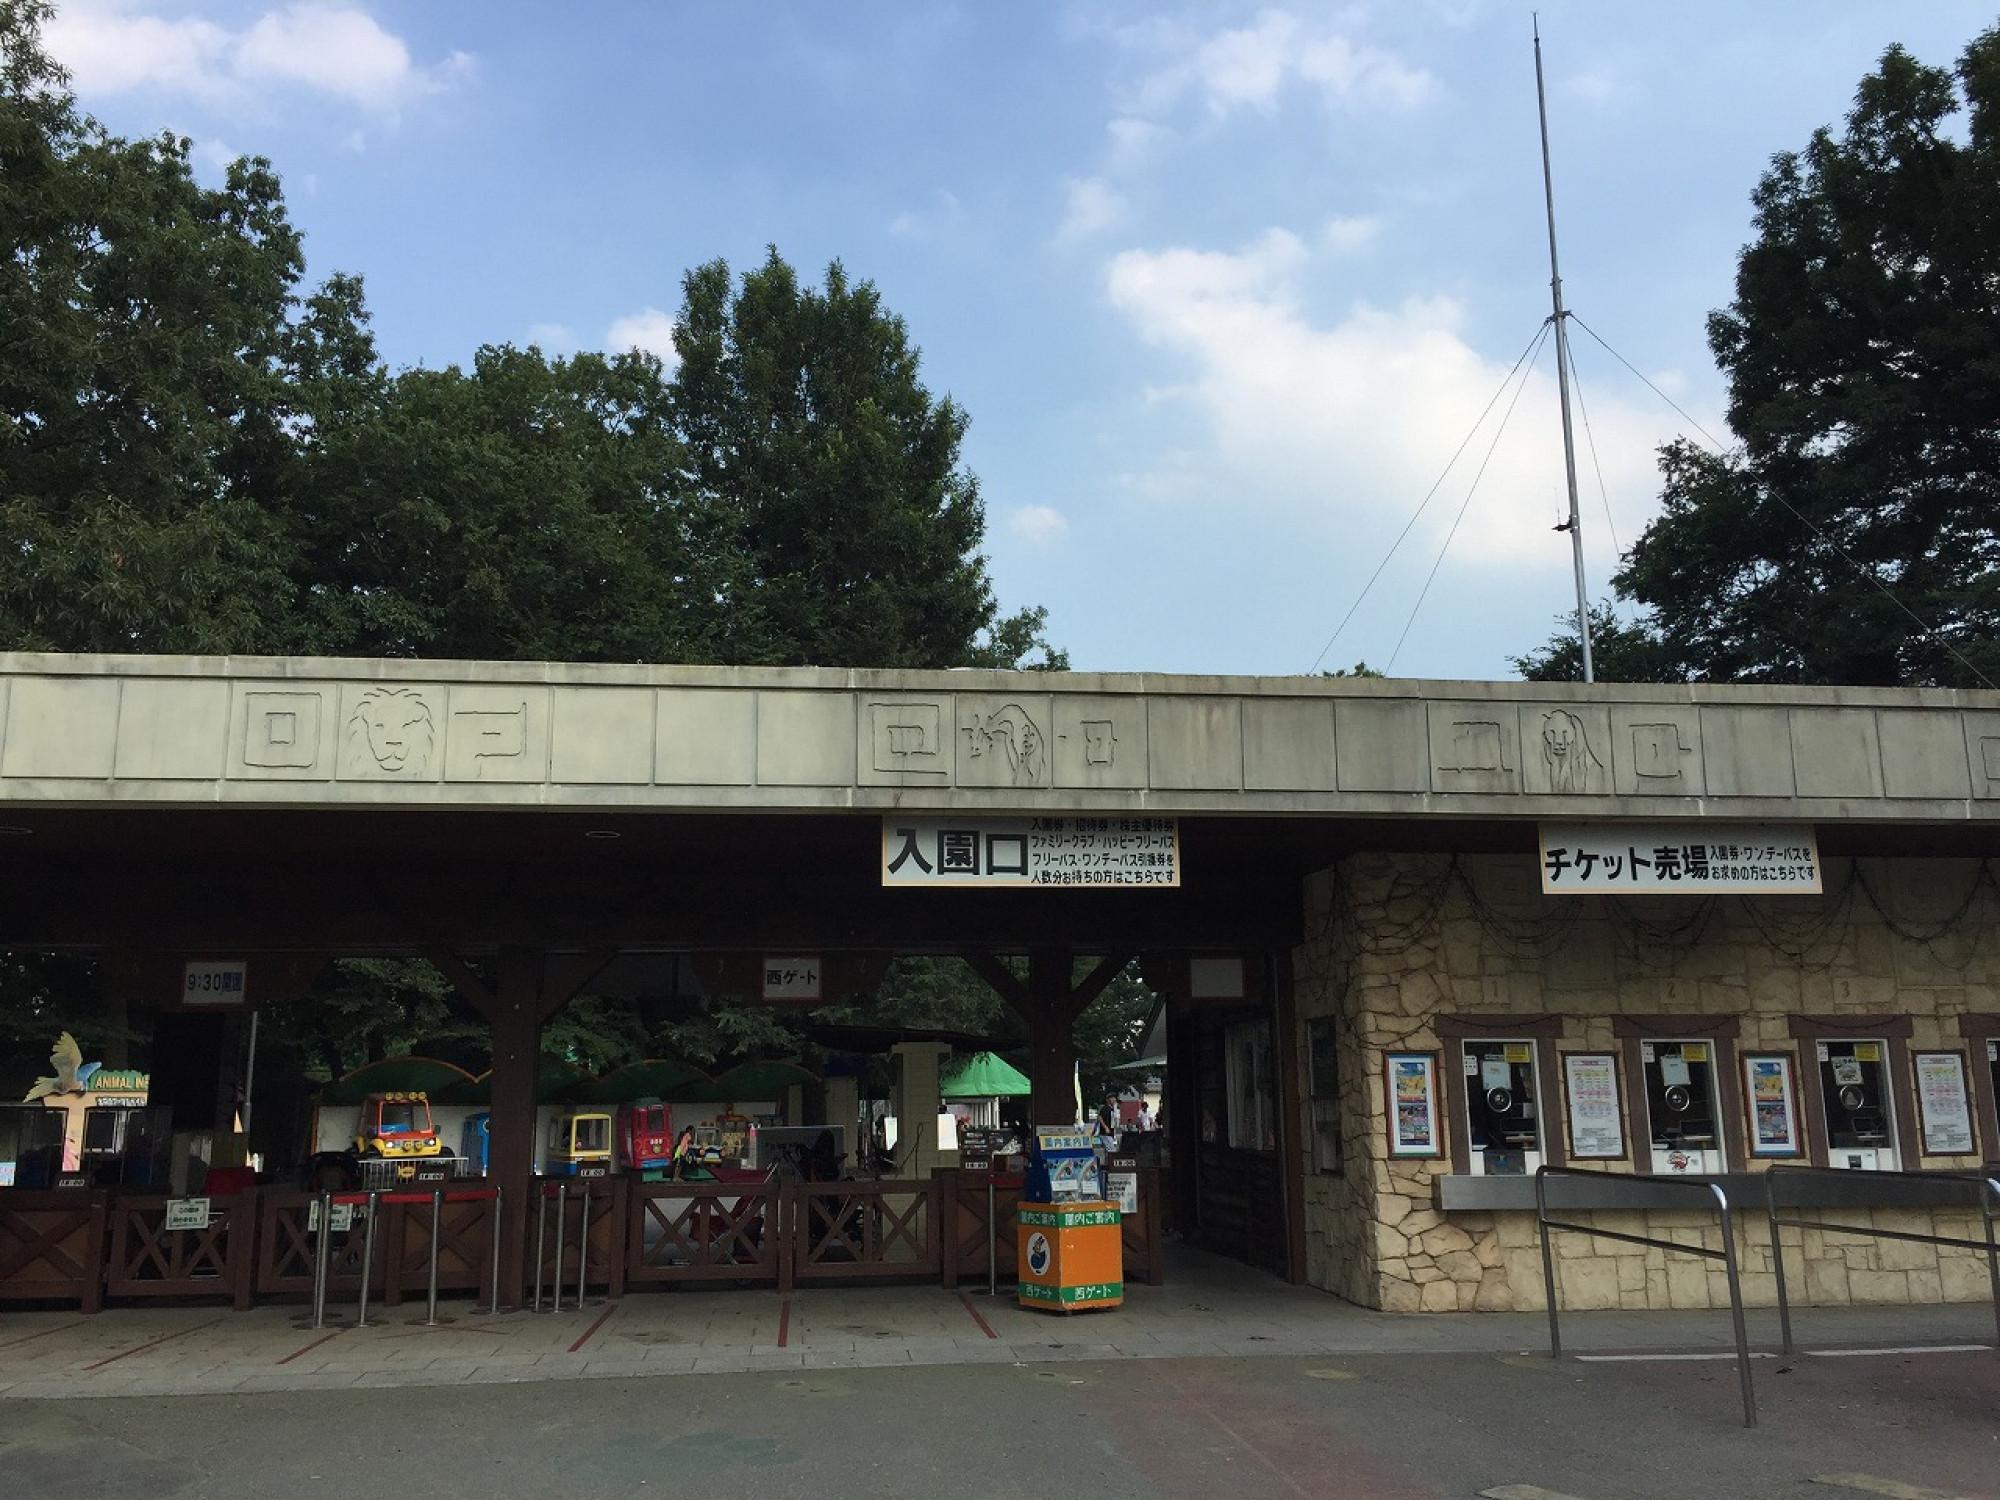 西ゲート側のチケット売り場&入園口